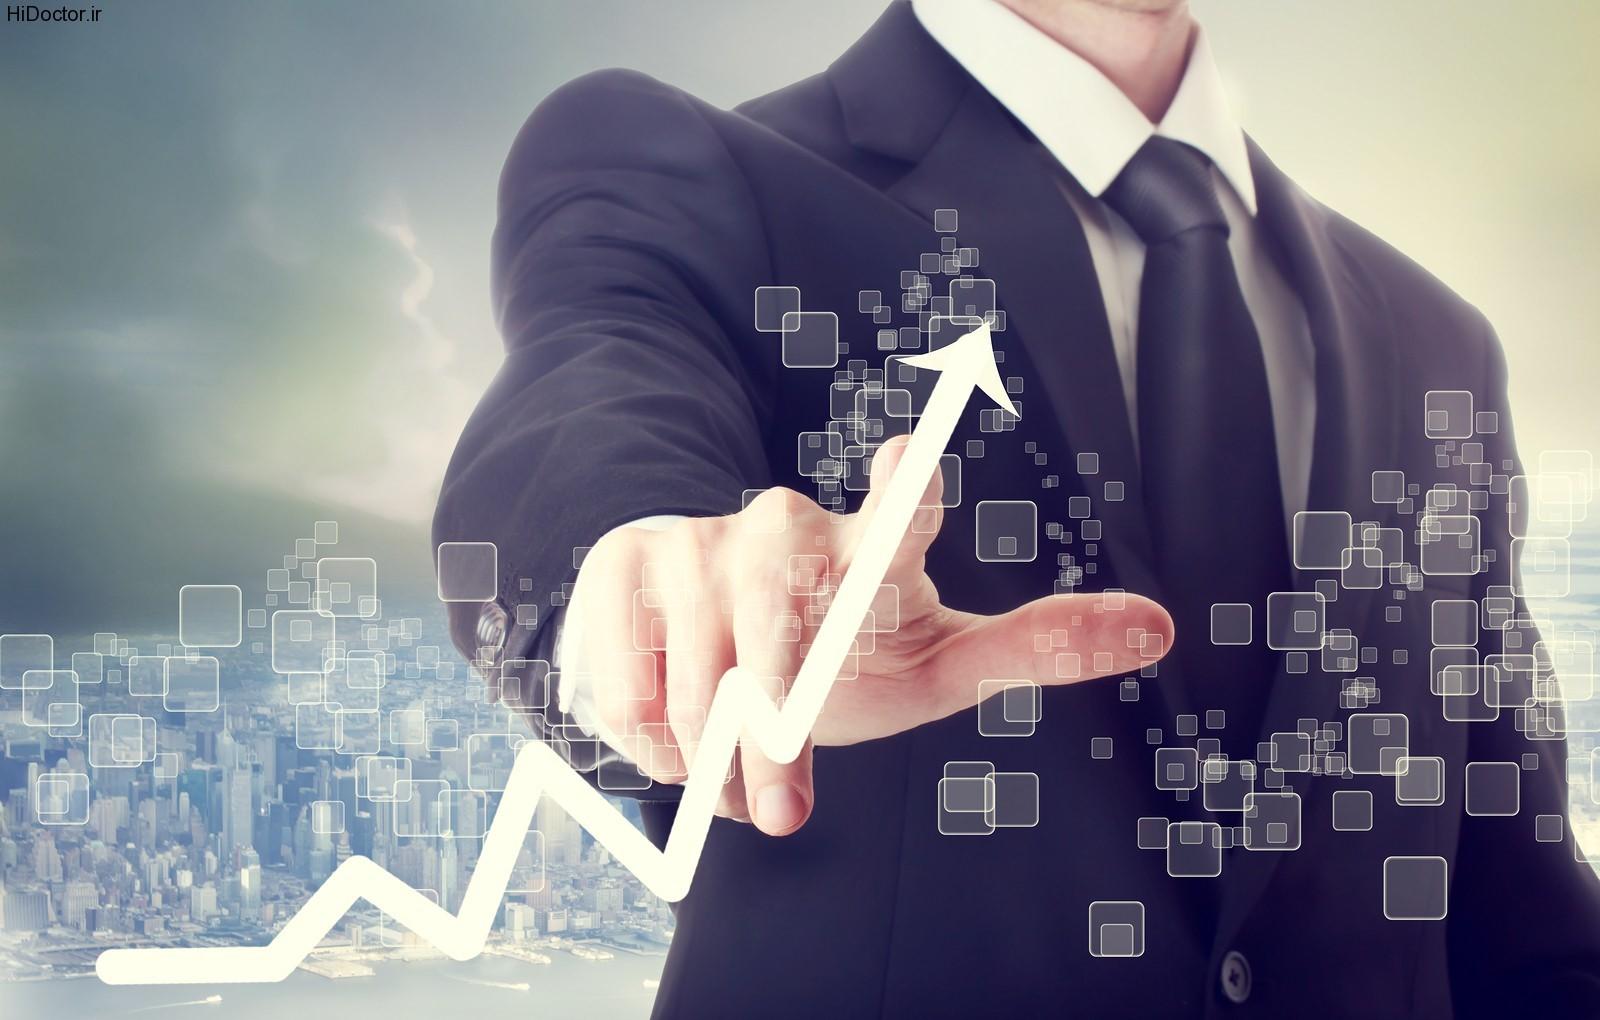 عوامل موفقیت سایت